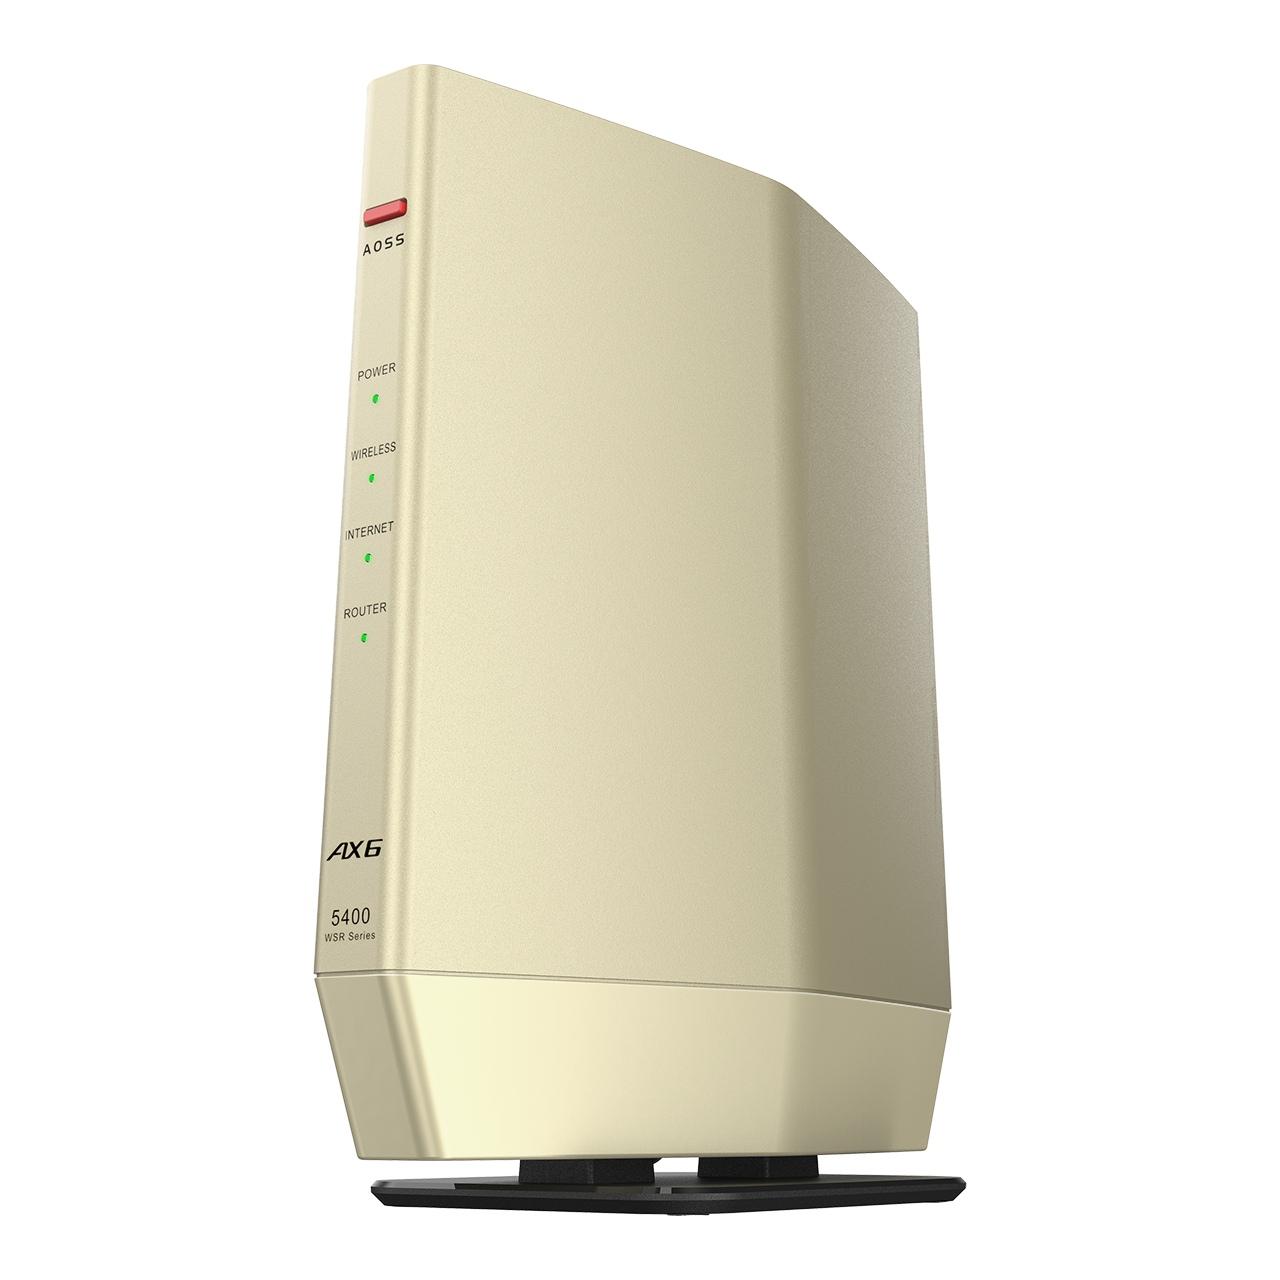 競合製品となるWSR-5400AX6